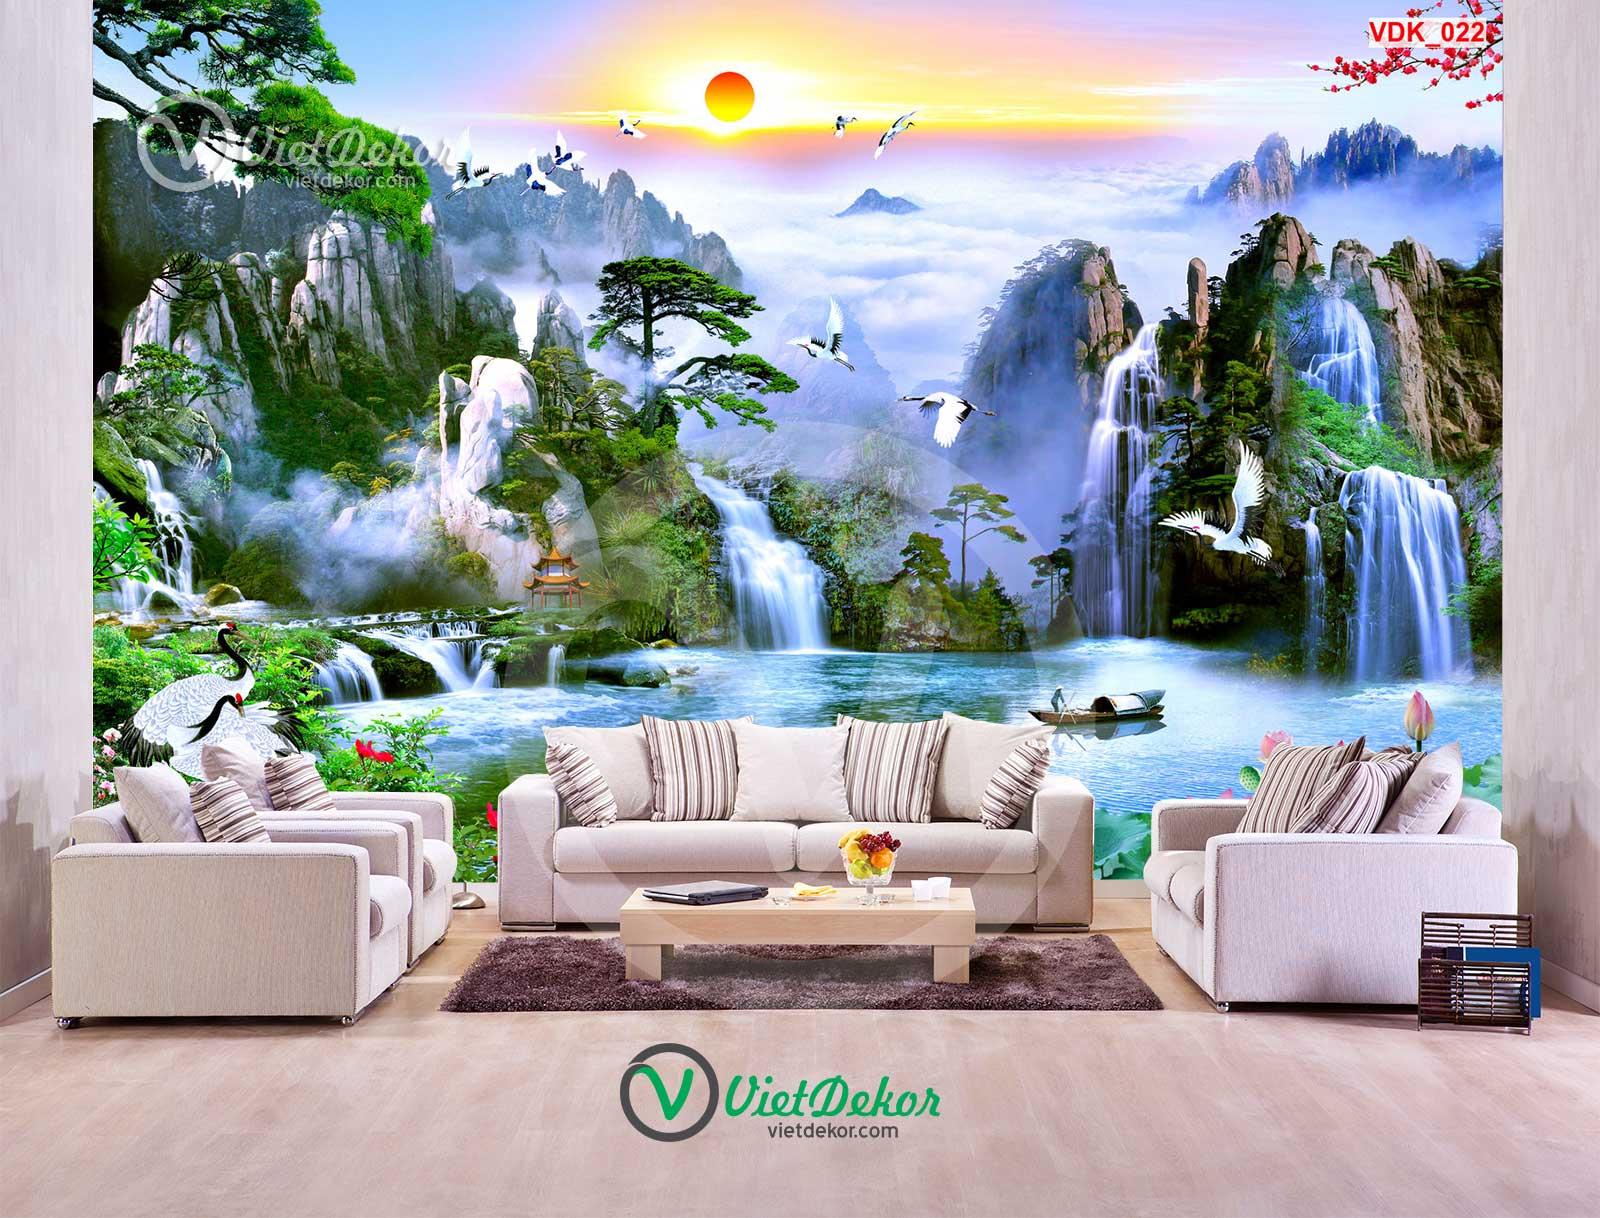 Tranh 3d thác nước nui rừng ngôi chùa chim hạc bay lượn